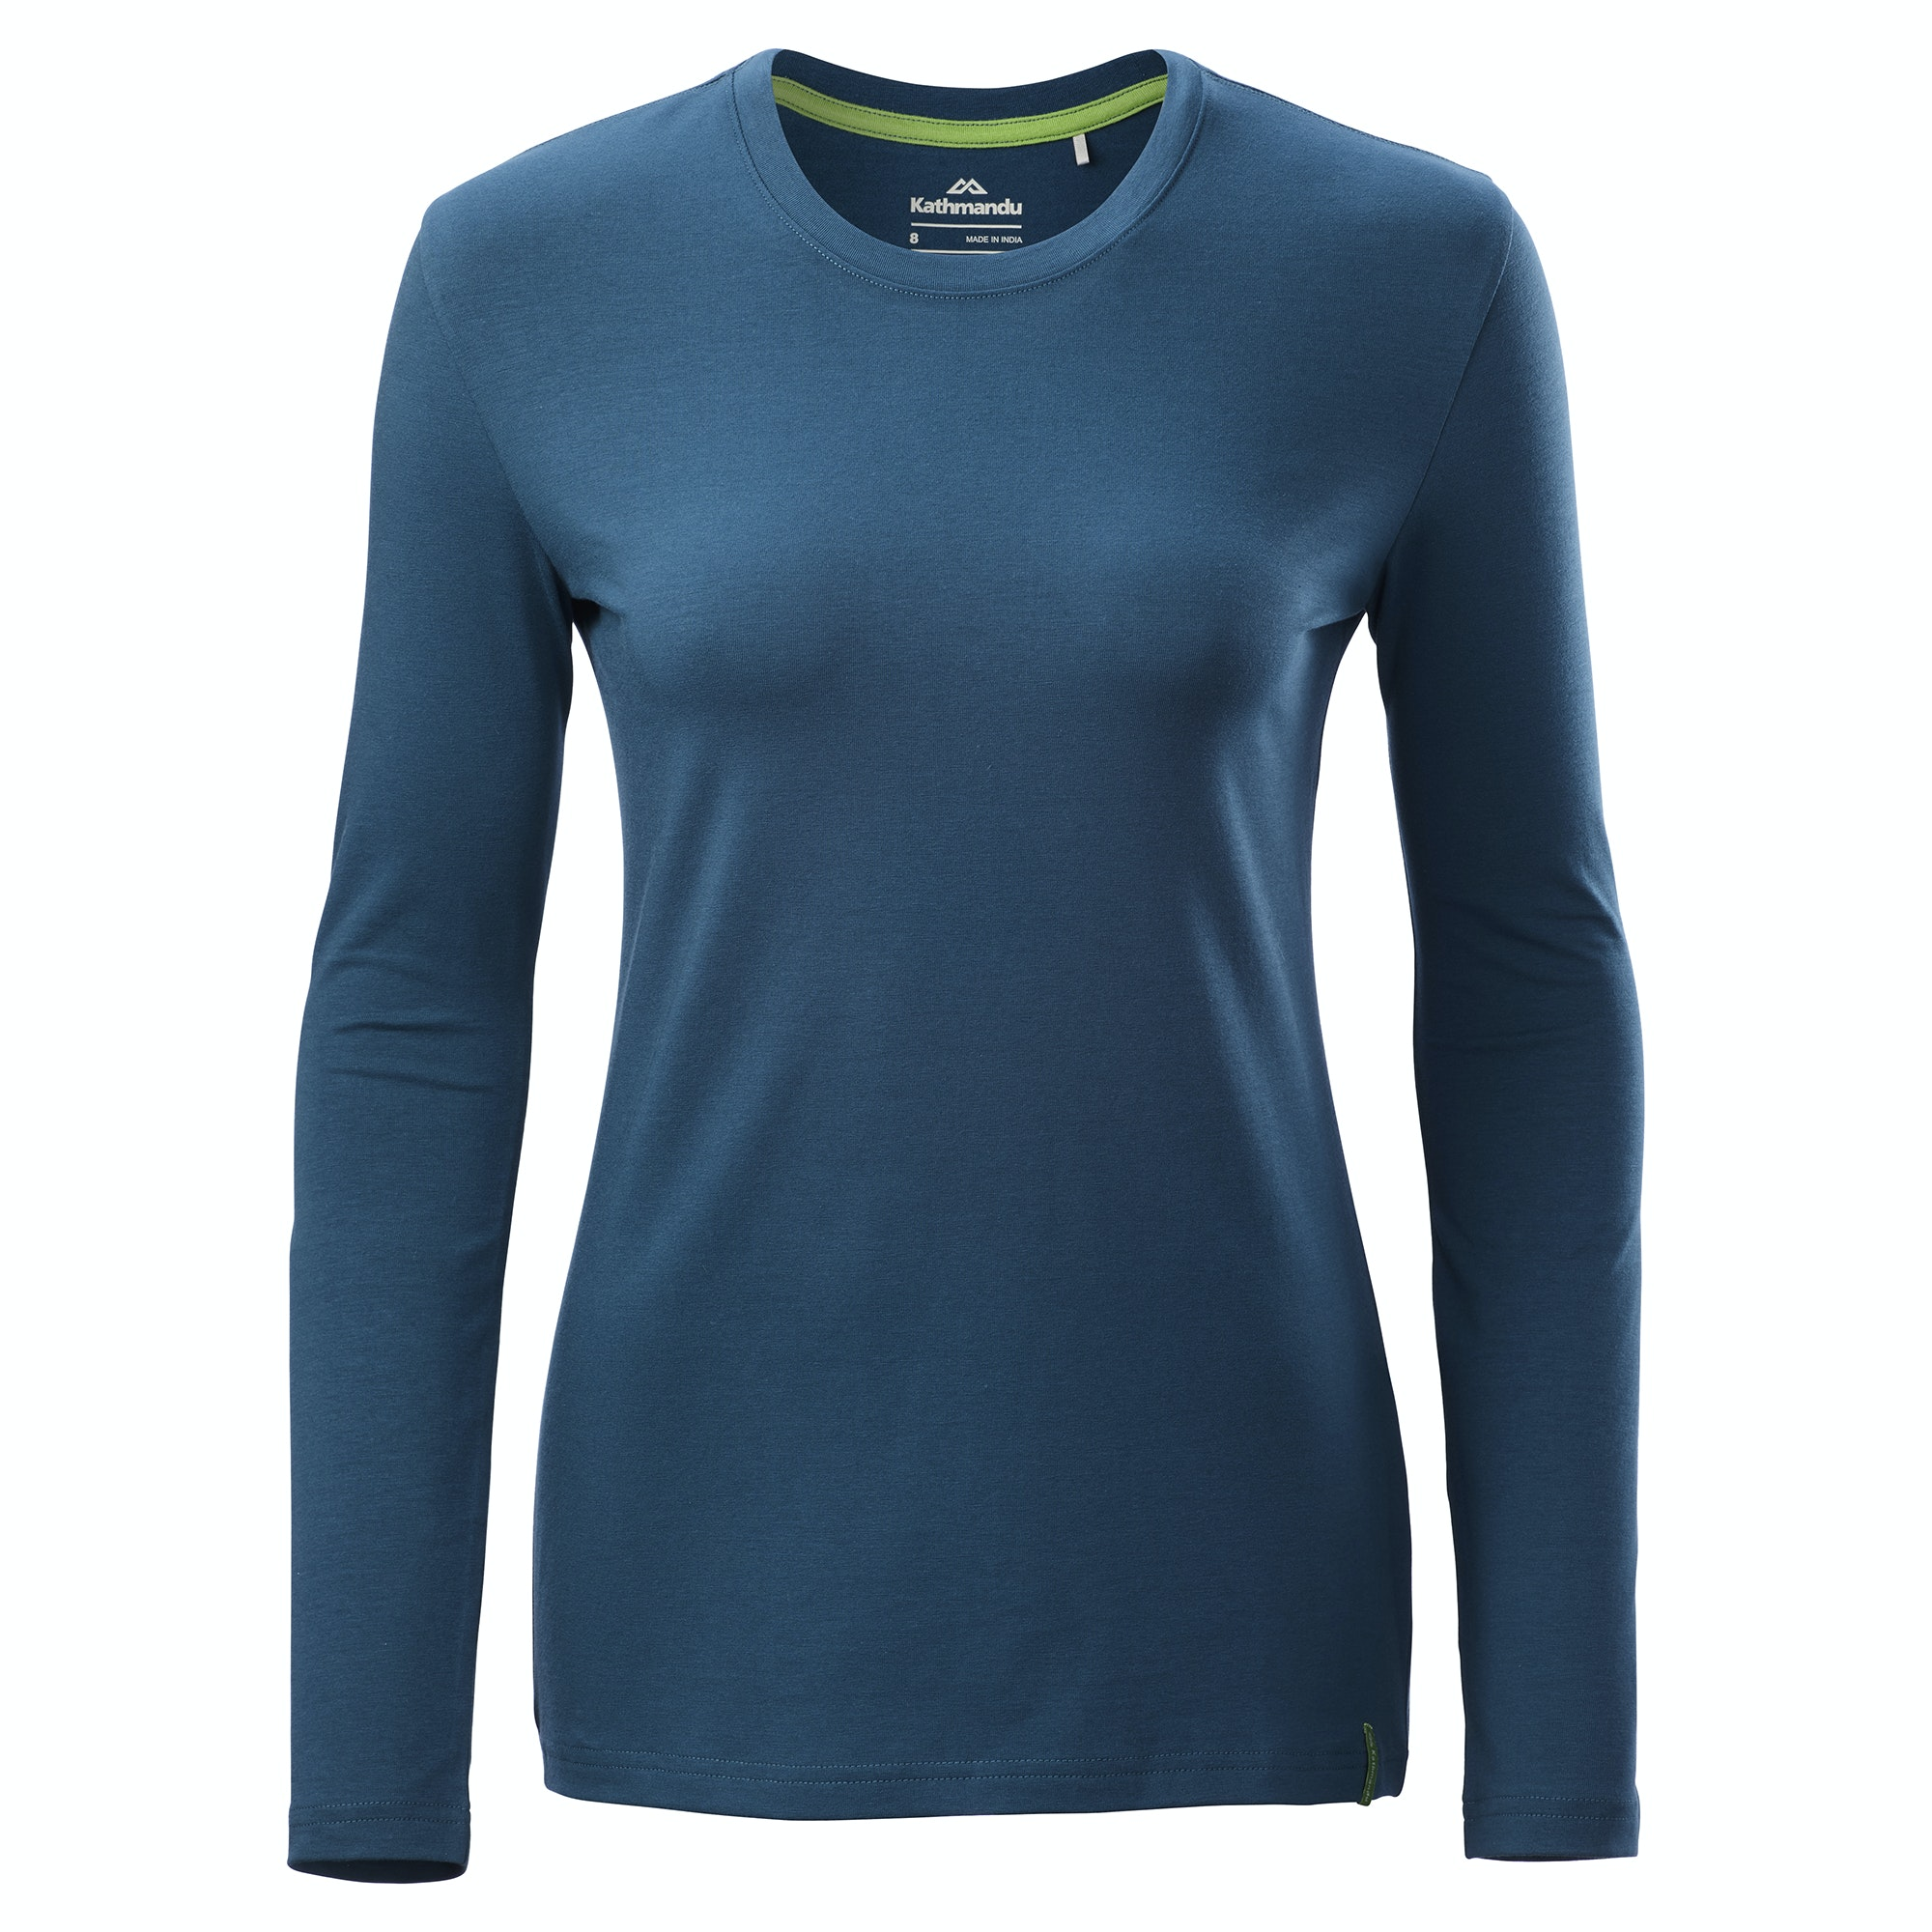 c804f52b682af Fairtrade Women's Long Sleeve T-Shirt